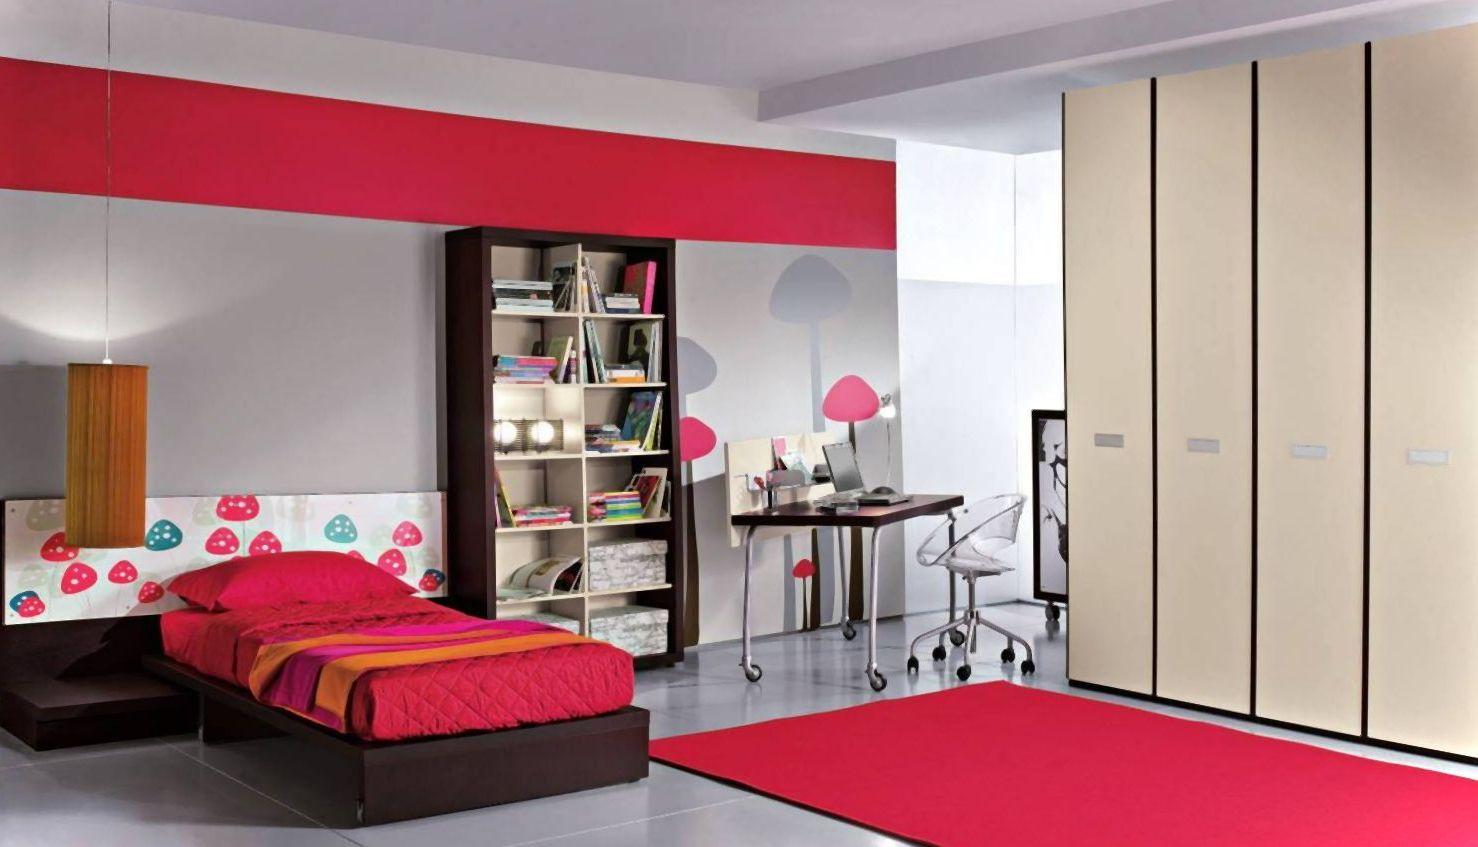 Full Size of Ikea Raumteiler Rosa Und Graues Teenager Schlafzimmer And Also Schiebeschrank Küche Kosten Betten 160x200 Miniküche Regal Sofa Mit Schlaffunktion Kaufen Wohnzimmer Ikea Raumteiler